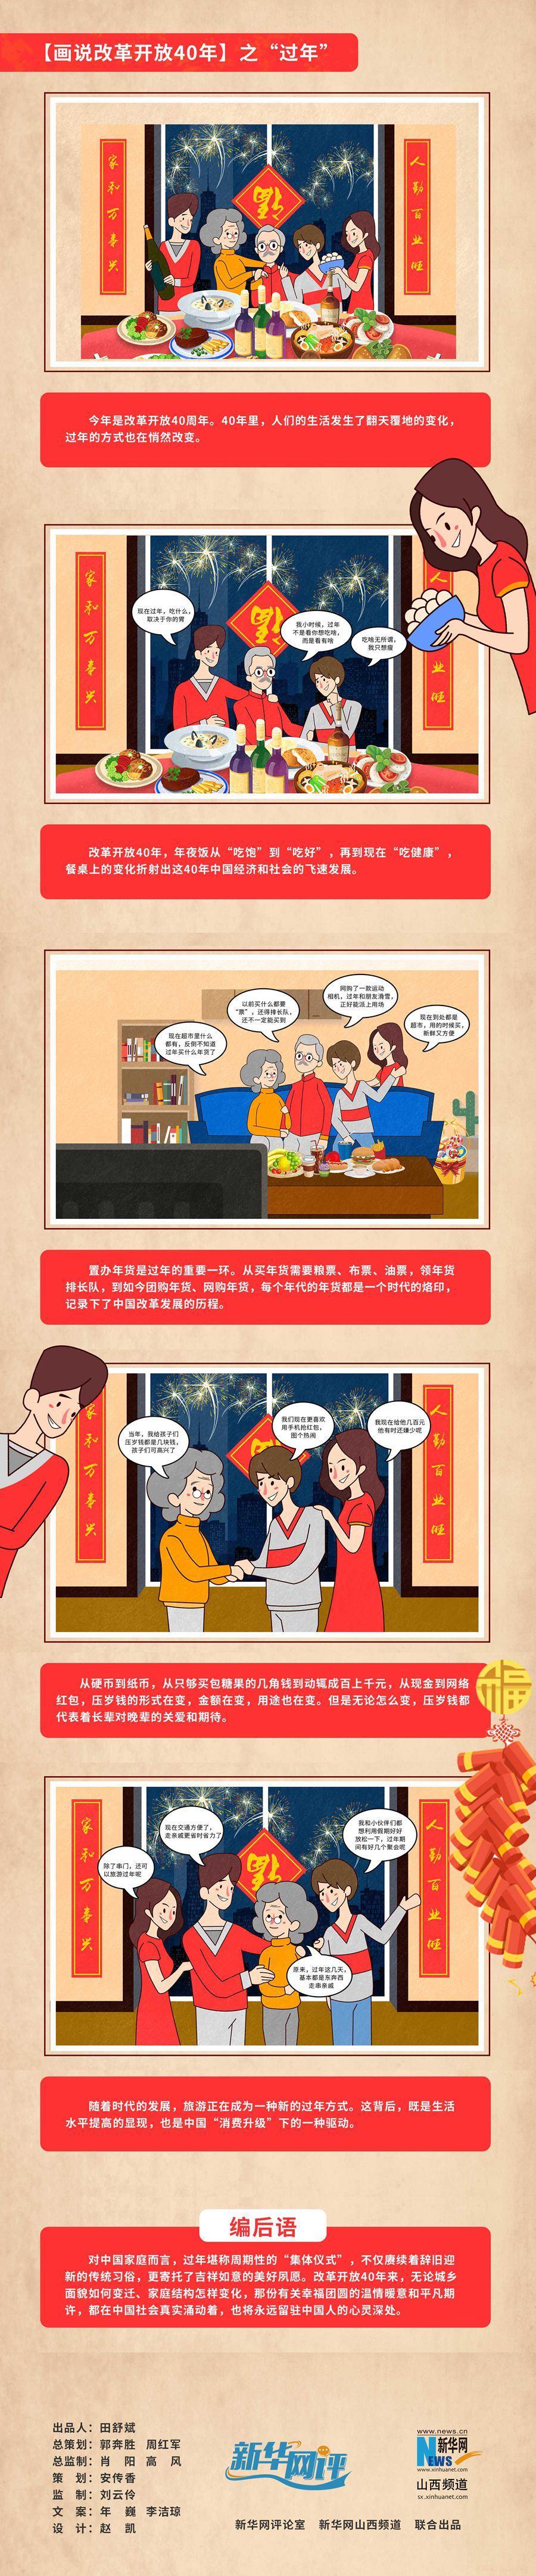 """【画说40年】过年的""""变""""与""""不变"""""""